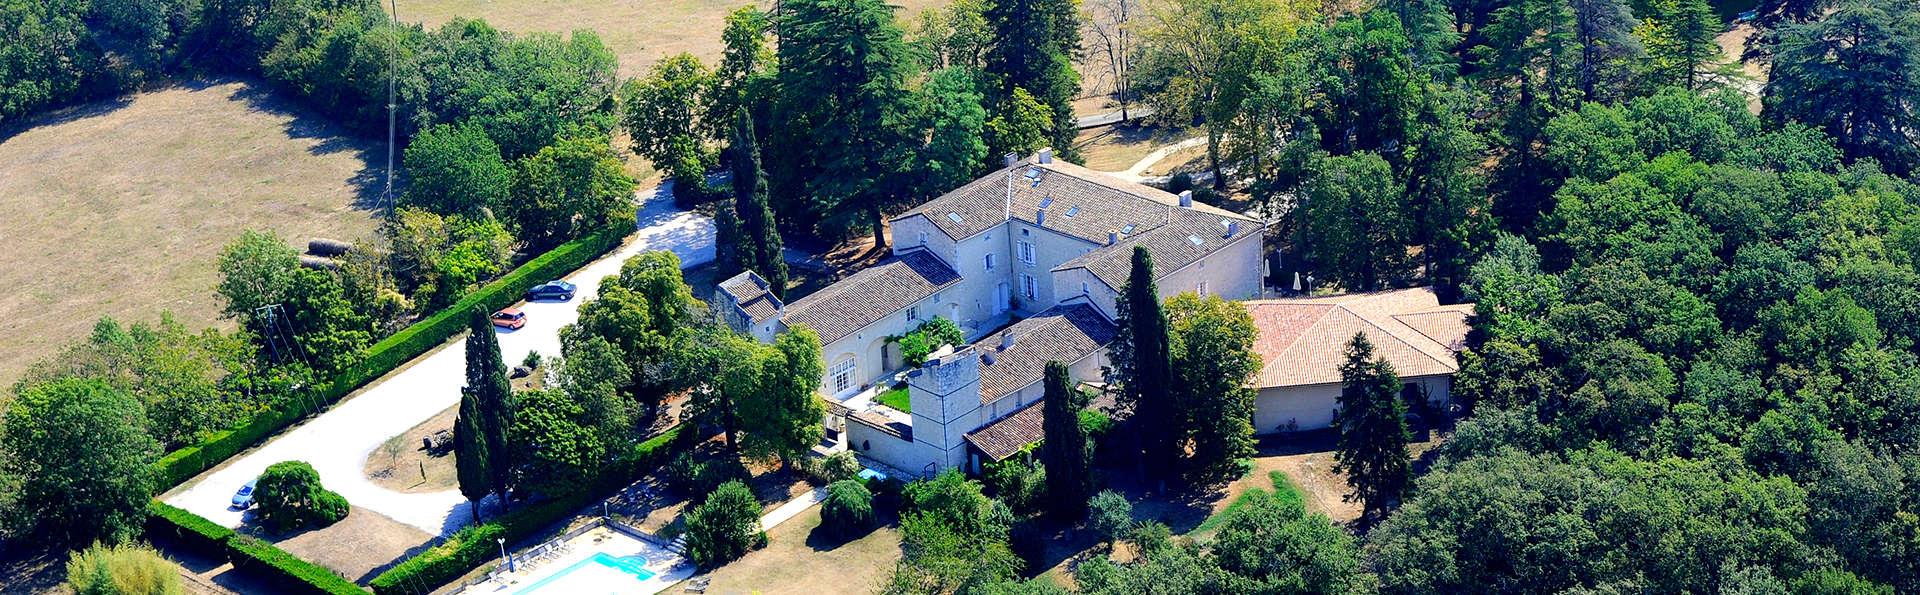 Château de l'Hoste - EDIT_aerea.jpg